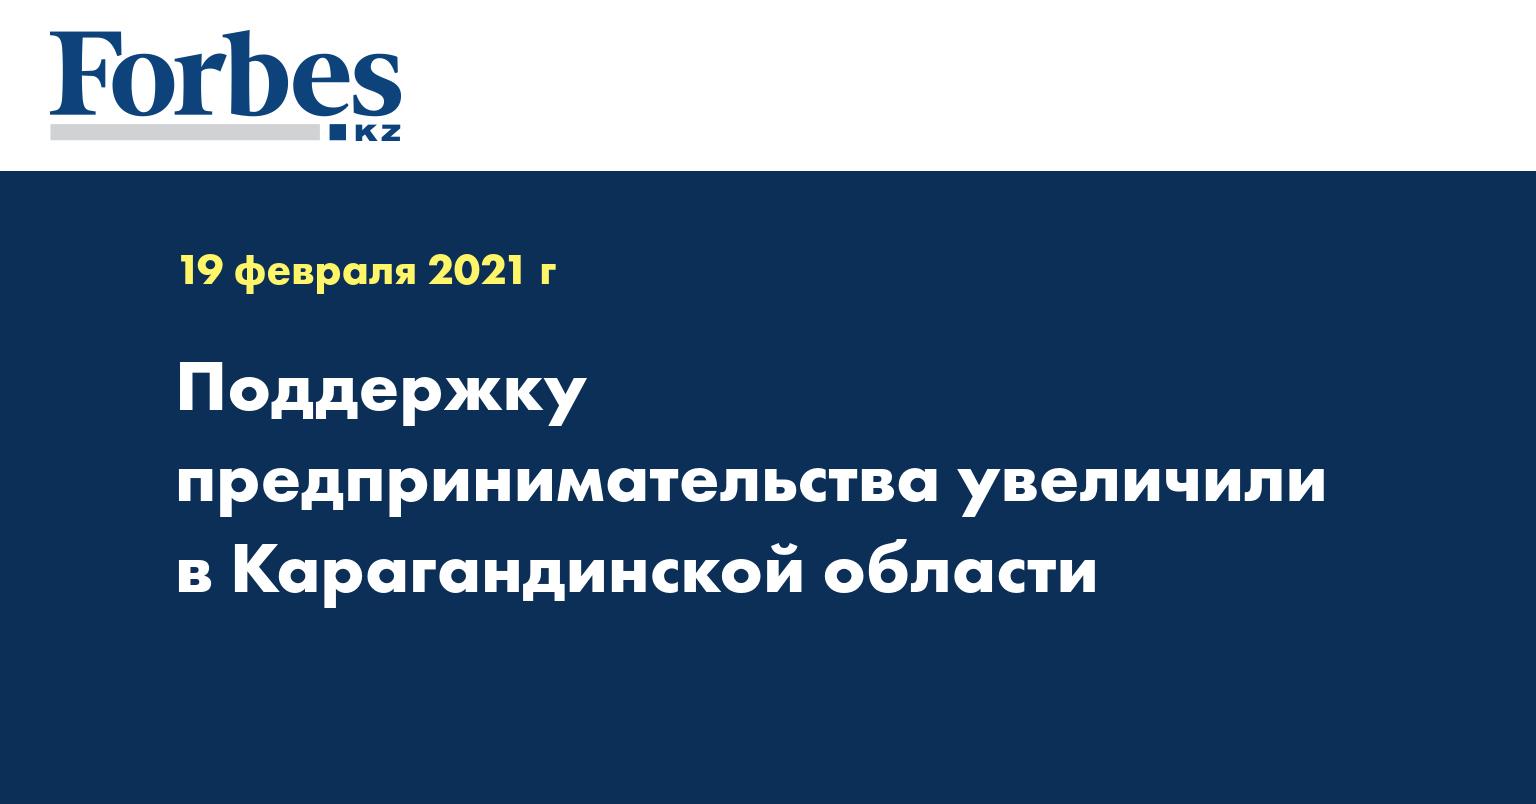 Поддержку предпринимательства увеличили в Карагандинской области